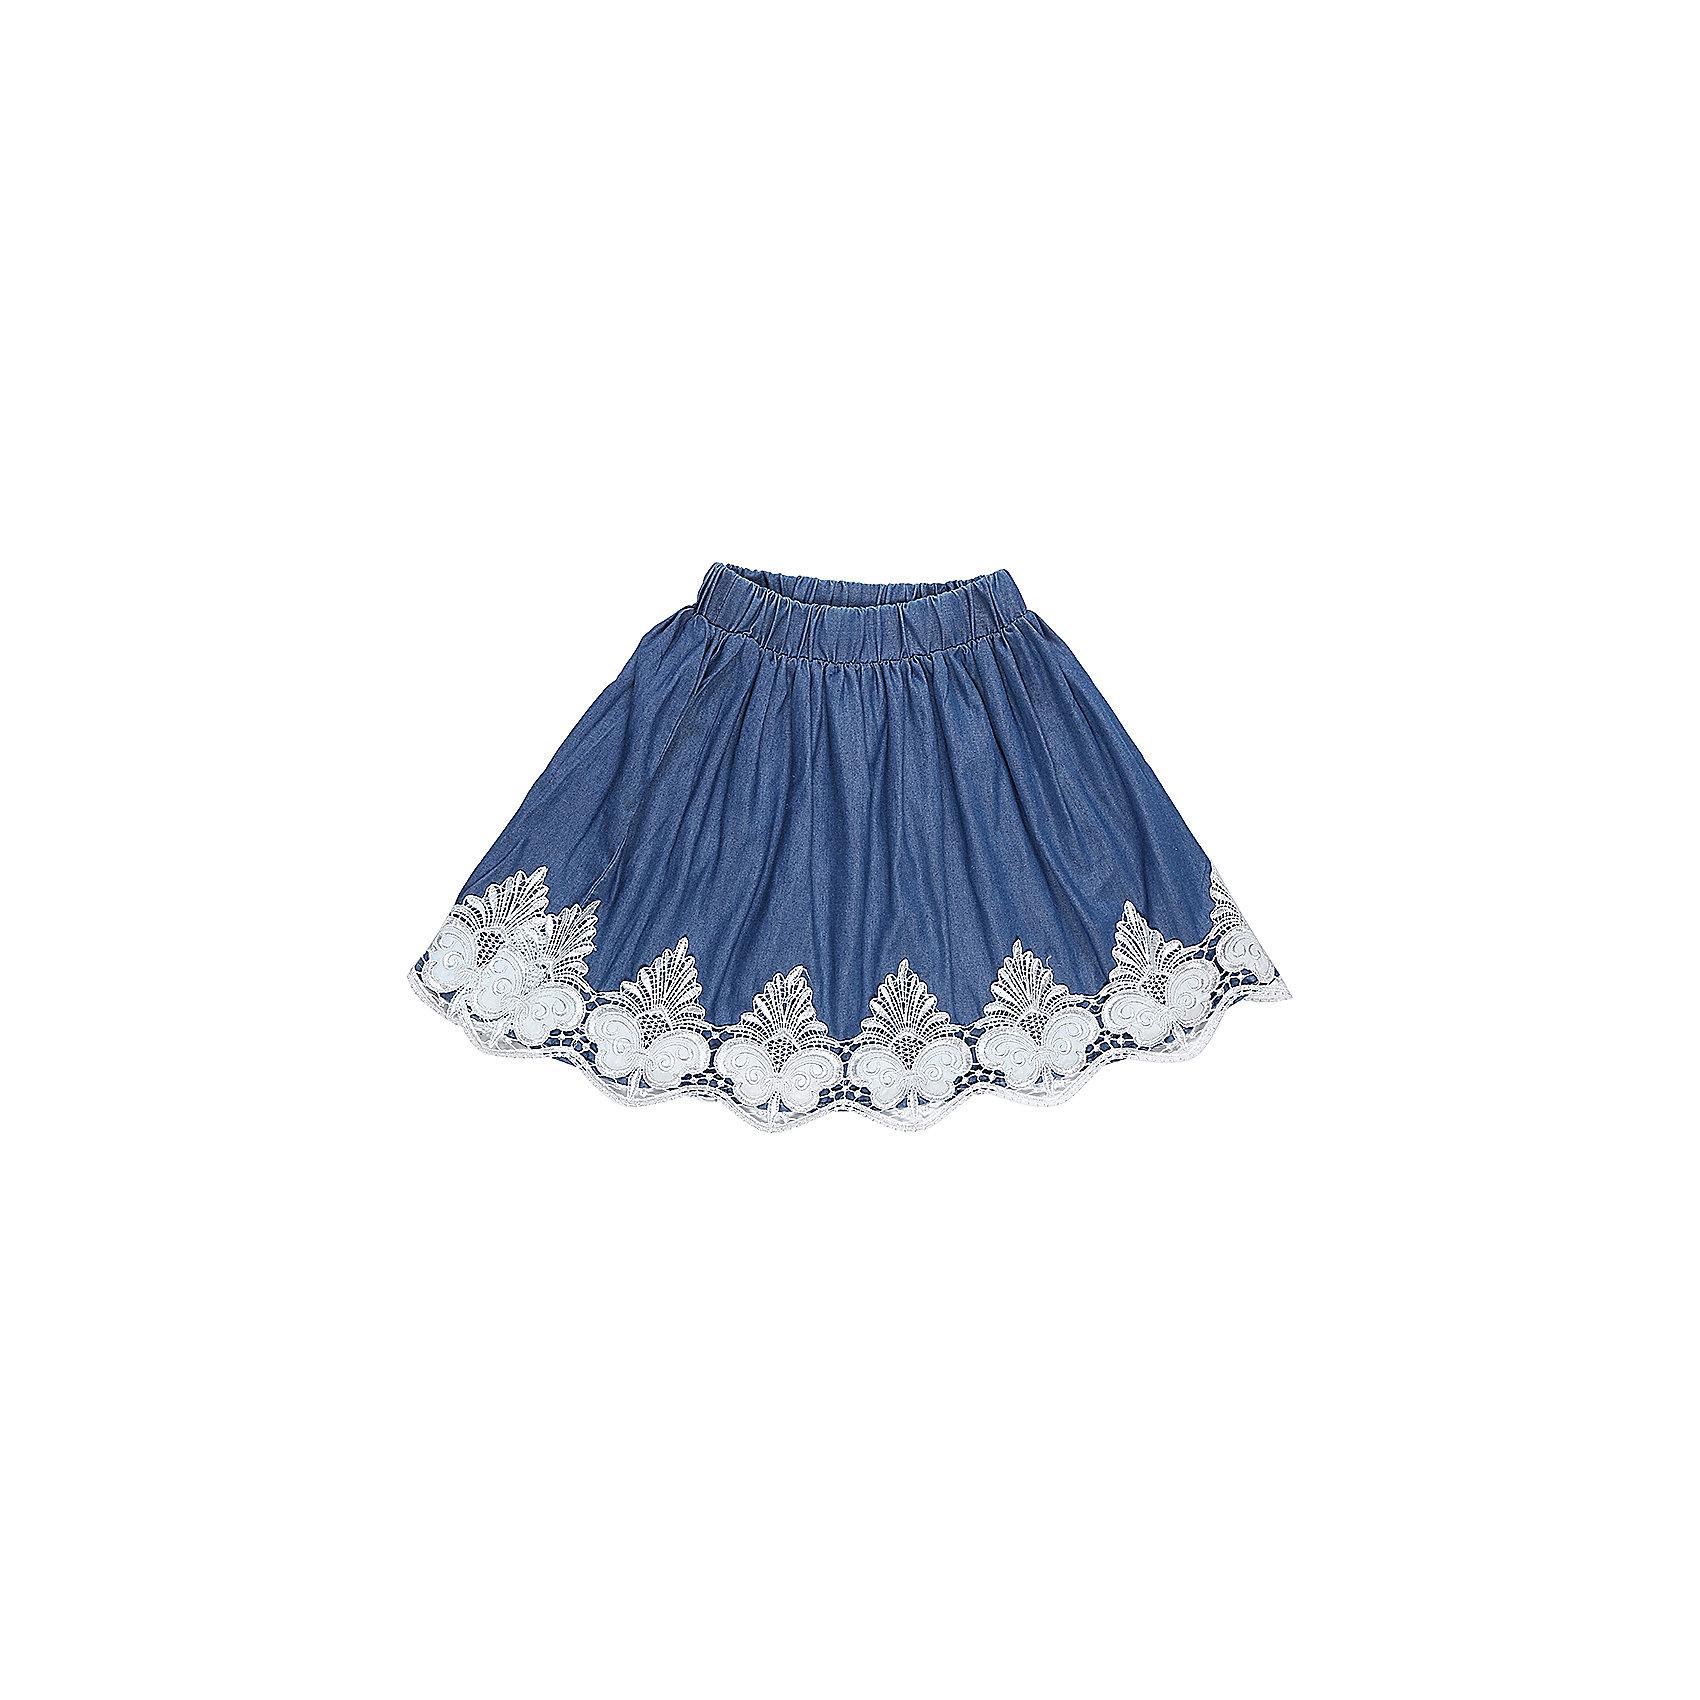 Юбка для девочки LuminosoЮбки<br>Текстильная юбка для девочки под джинсу. Низ изделия декорирован изящной вышиквкой и экокожей. Эластичный мягкий пояс.<br>Состав:<br>100%хлопок<br><br>Ширина мм: 207<br>Глубина мм: 10<br>Высота мм: 189<br>Вес г: 183<br>Цвет: синий<br>Возраст от месяцев: 108<br>Возраст до месяцев: 120<br>Пол: Женский<br>Возраст: Детский<br>Размер: 140,134,146,152,158,164<br>SKU: 5413340